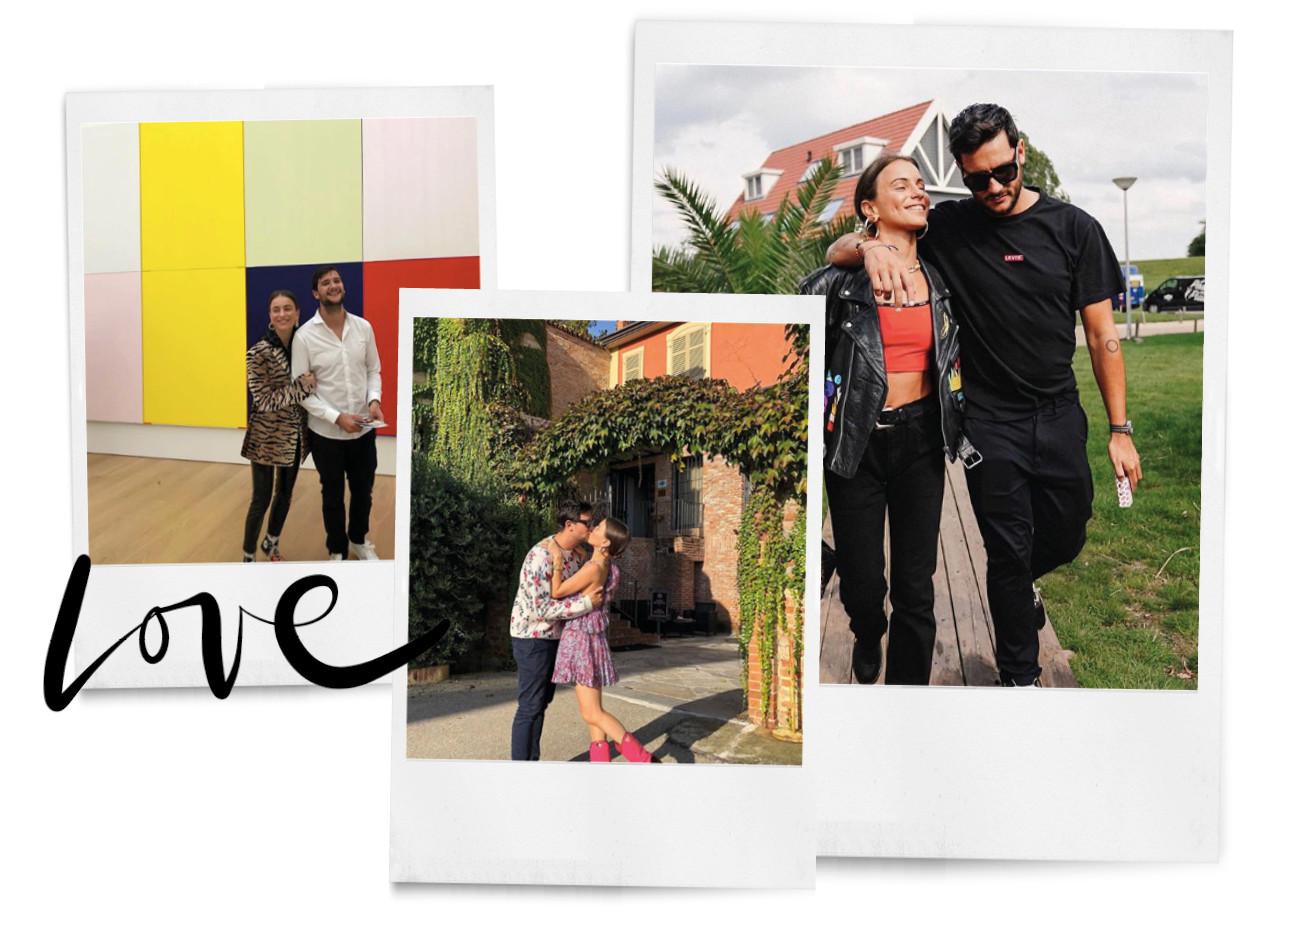 beelden van lizzy van der ligt en yuki kemphees die een relatie samen hebben #couplegoals